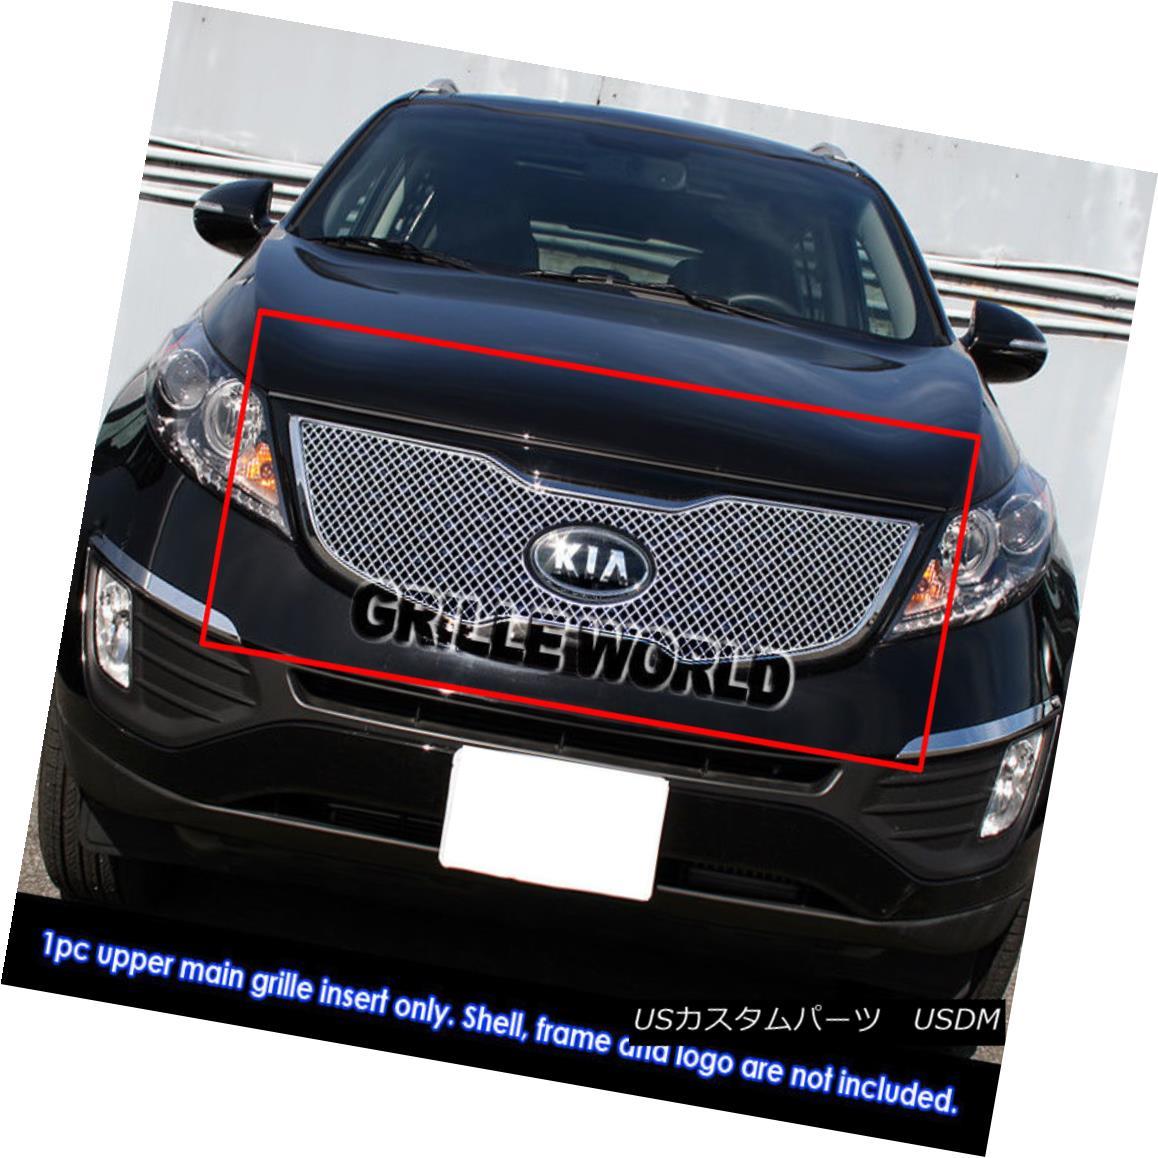 グリル Fits 2011-2014 Kia Sportage SX Stainless Micro-Frame Chrome X Mesh Grille Insert フィット2011-2014 Kia Sportage SXステンレスマイクロフレームクロームXメッシュグリルインサート